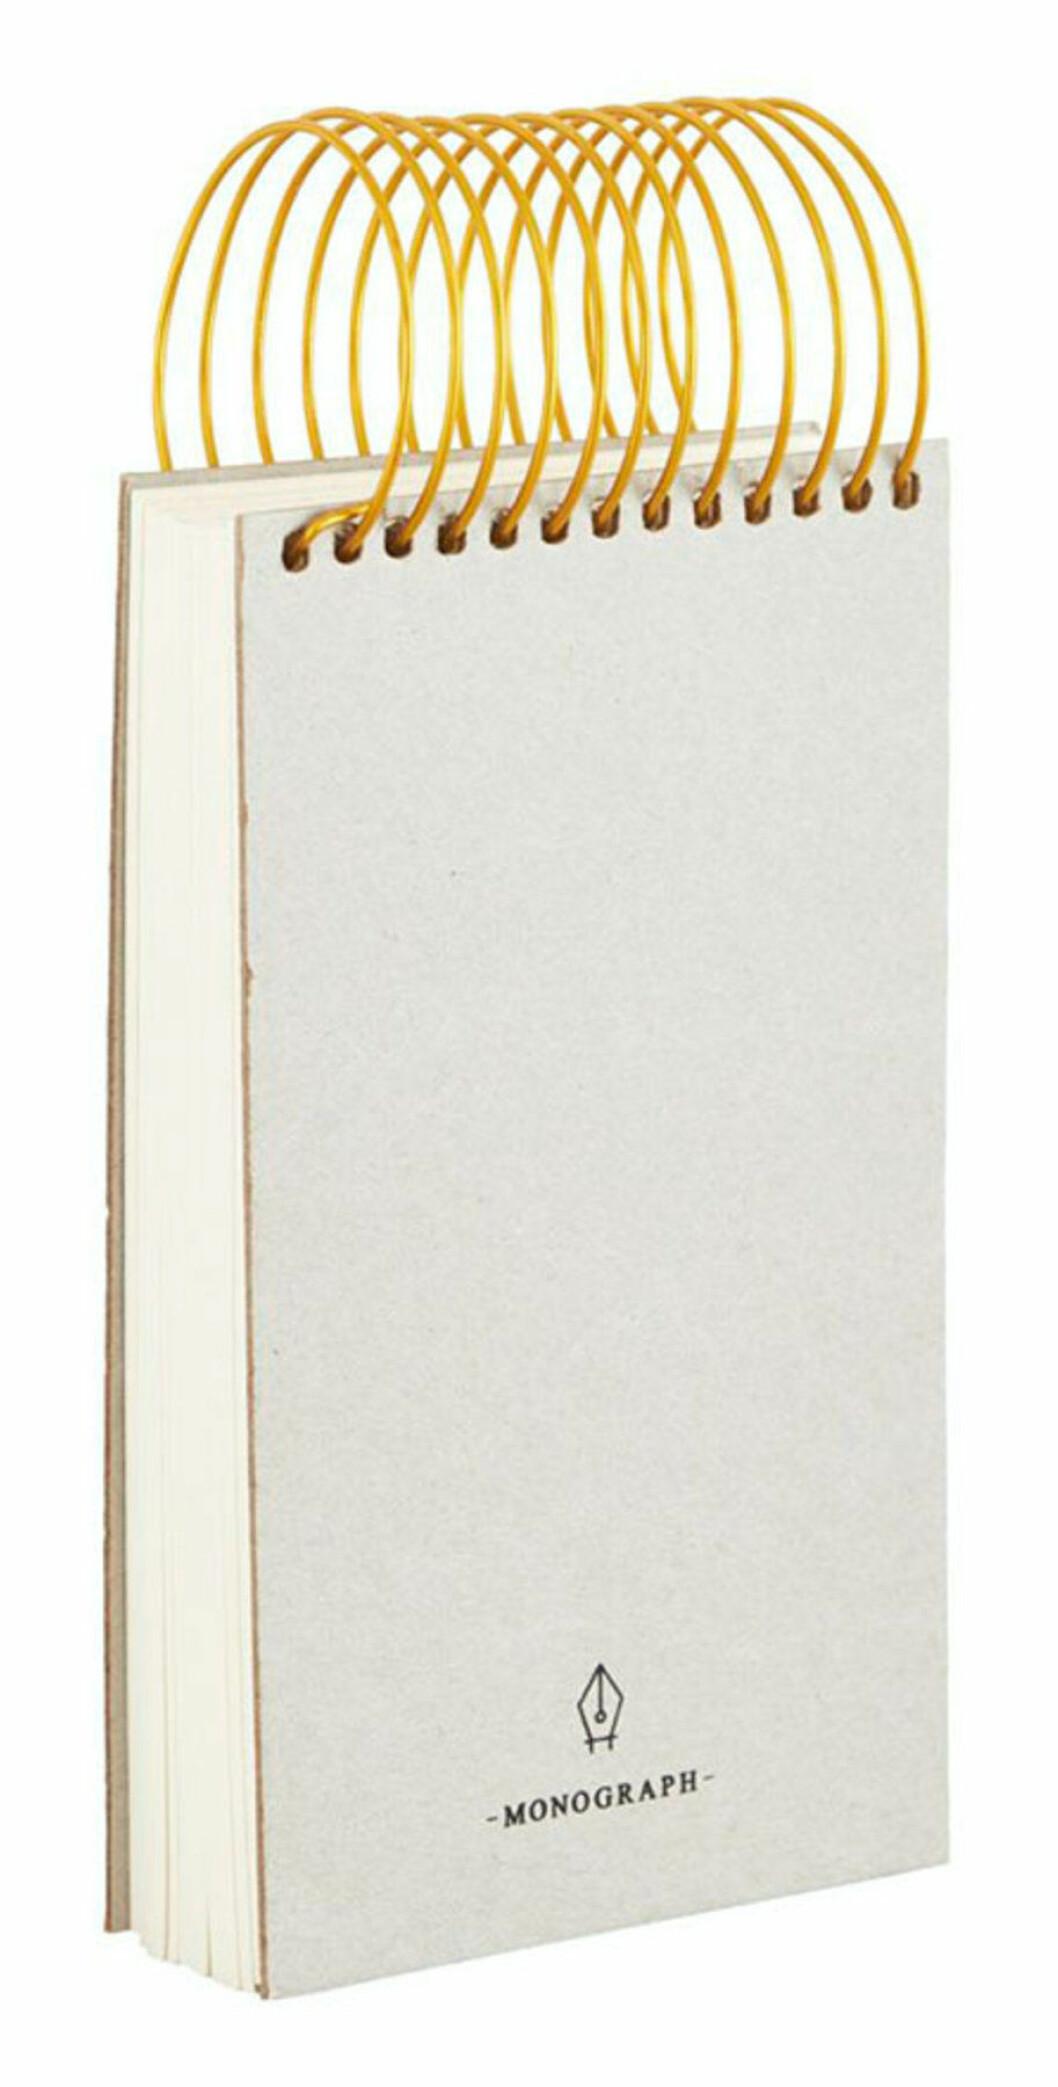 Anteckningsblock från Monograph med spiralformad mässingsbindning